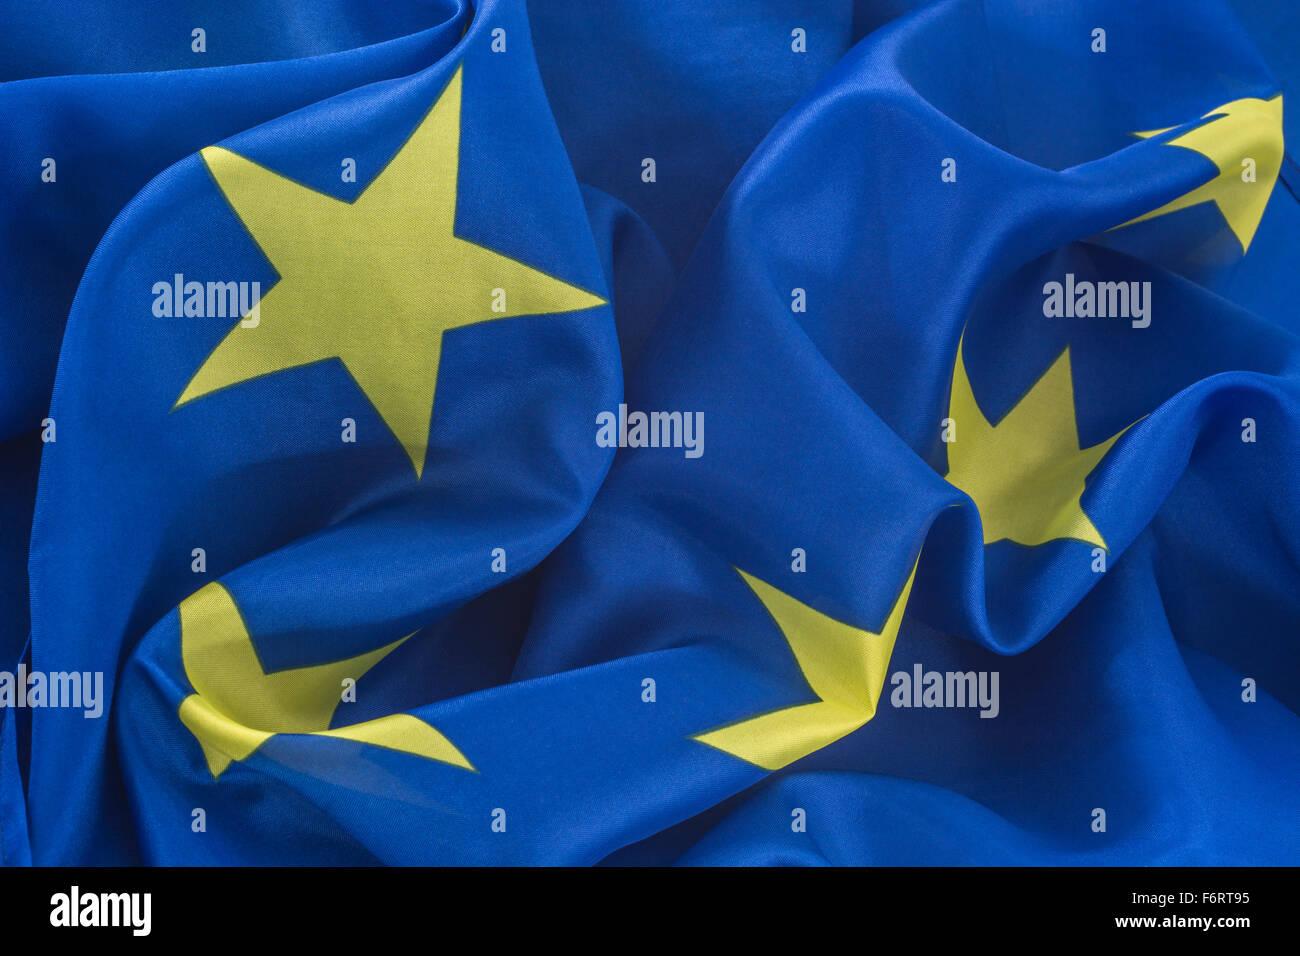 Ruffled yellow stars of the EU / European Union flag symbolizing disharmony. - Stock Image